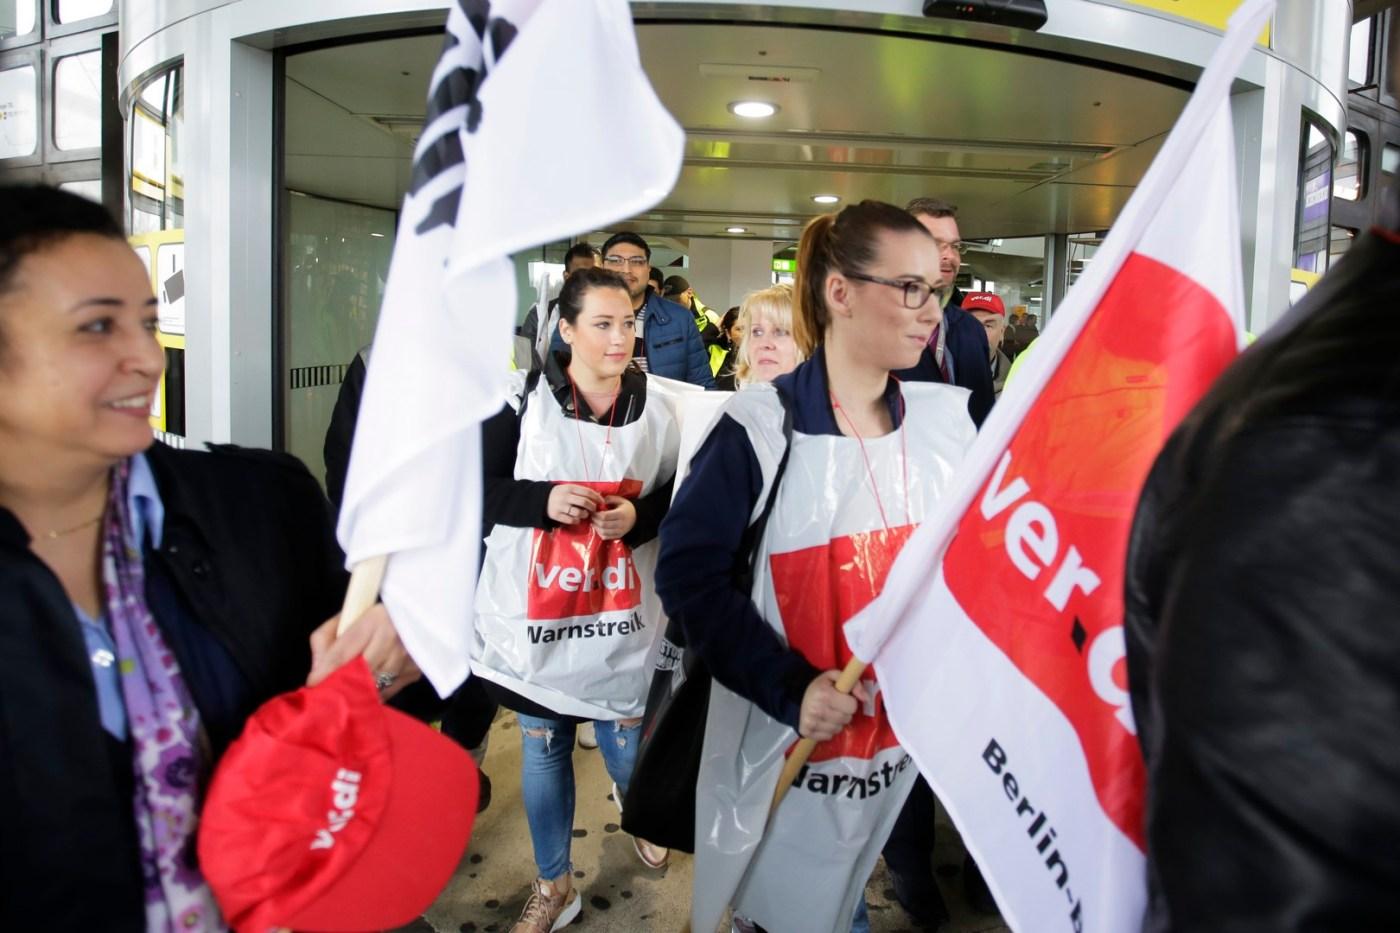 Empleados de aeropuertos de Berlín, Alemania se van a huelga; exigen aumento de salario. (AP)